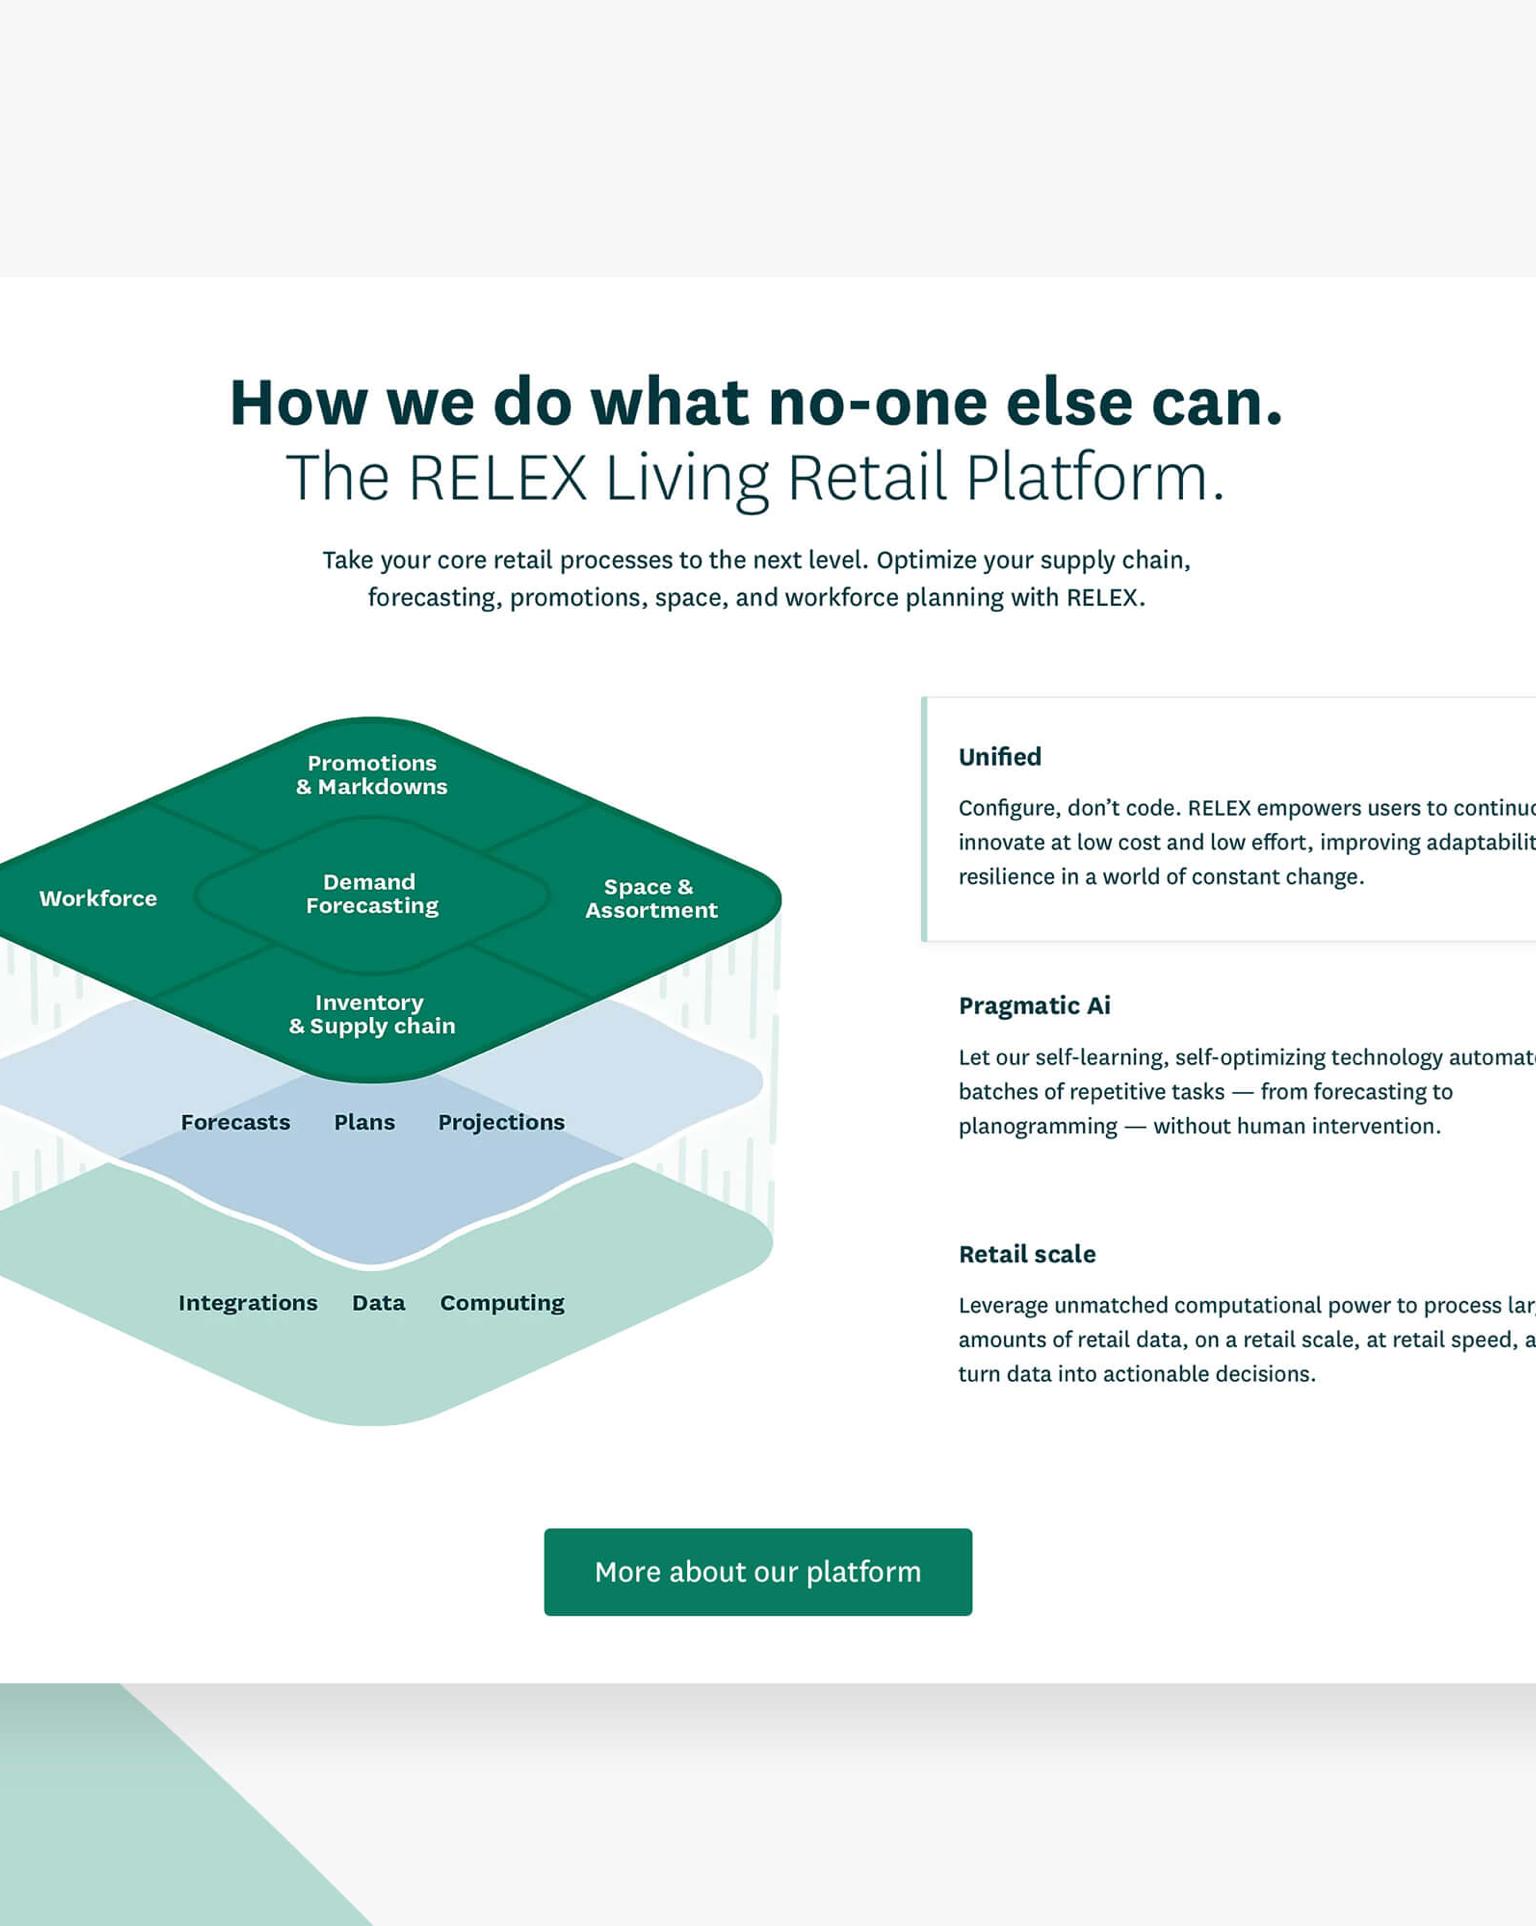 relex > image 5